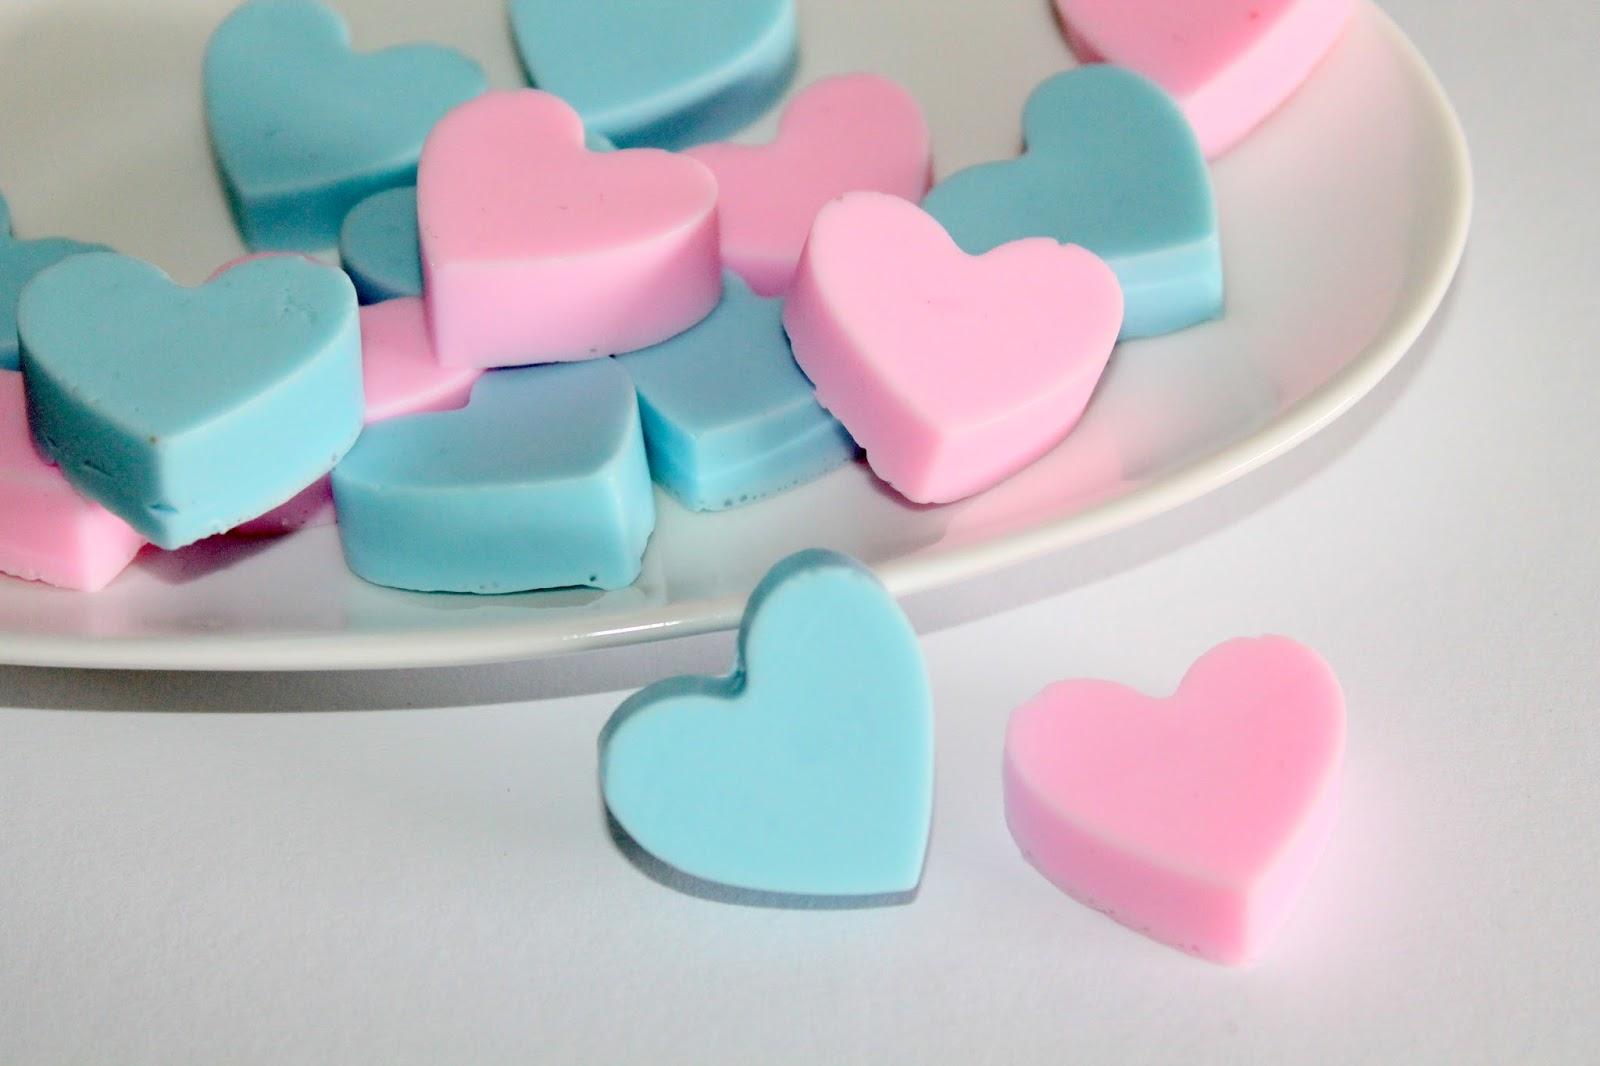 DIY, Basteln: Seifenherzen in rosa und blau als Geschenkidee, Kosmetik, Beauty und Wohndekoration - DIYCarinchen